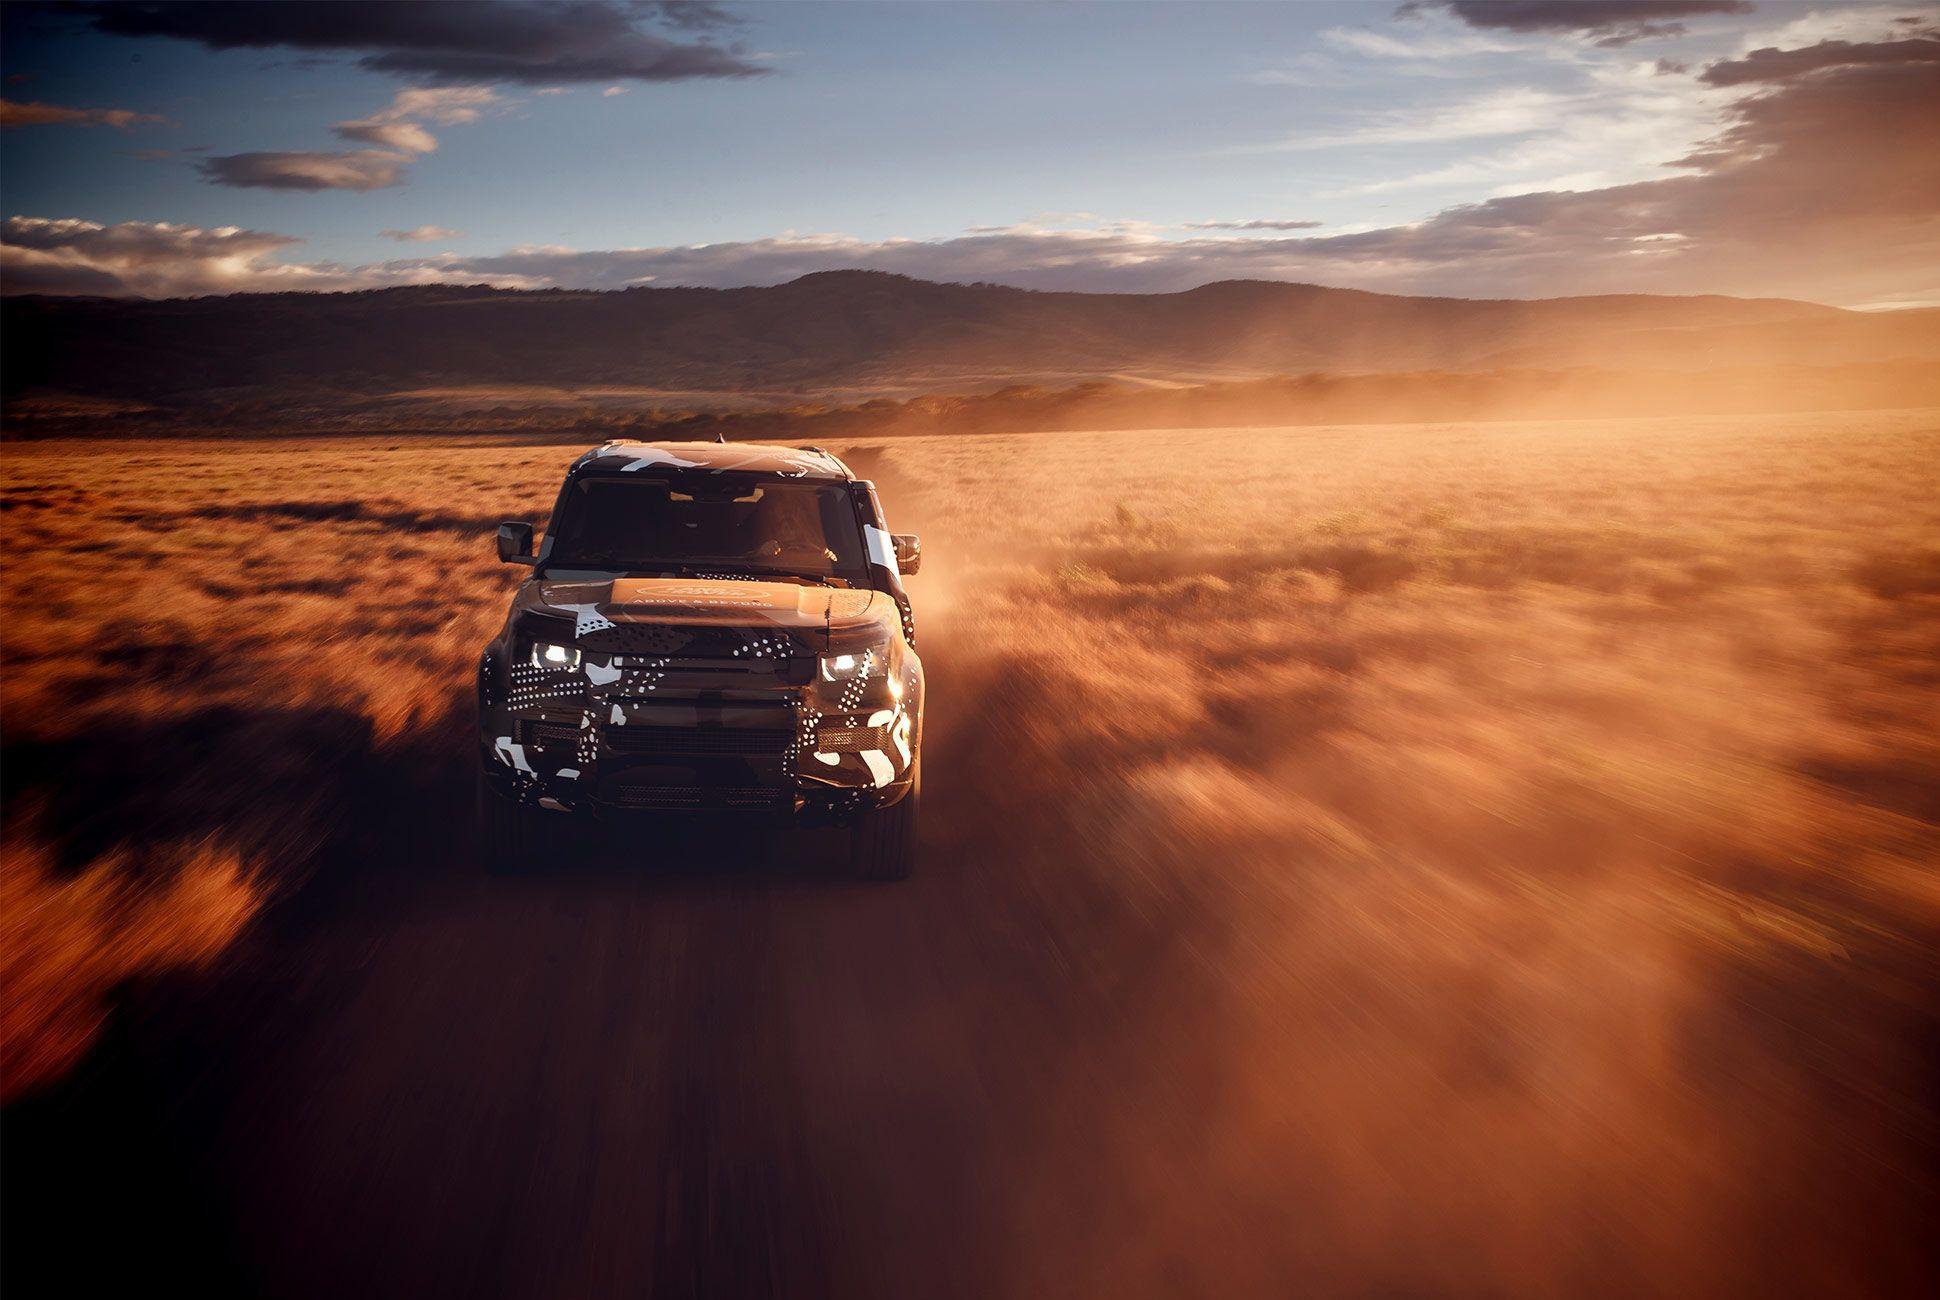 Land-Rover-Defender-Africa-Testing-gear-patrol-slide-6